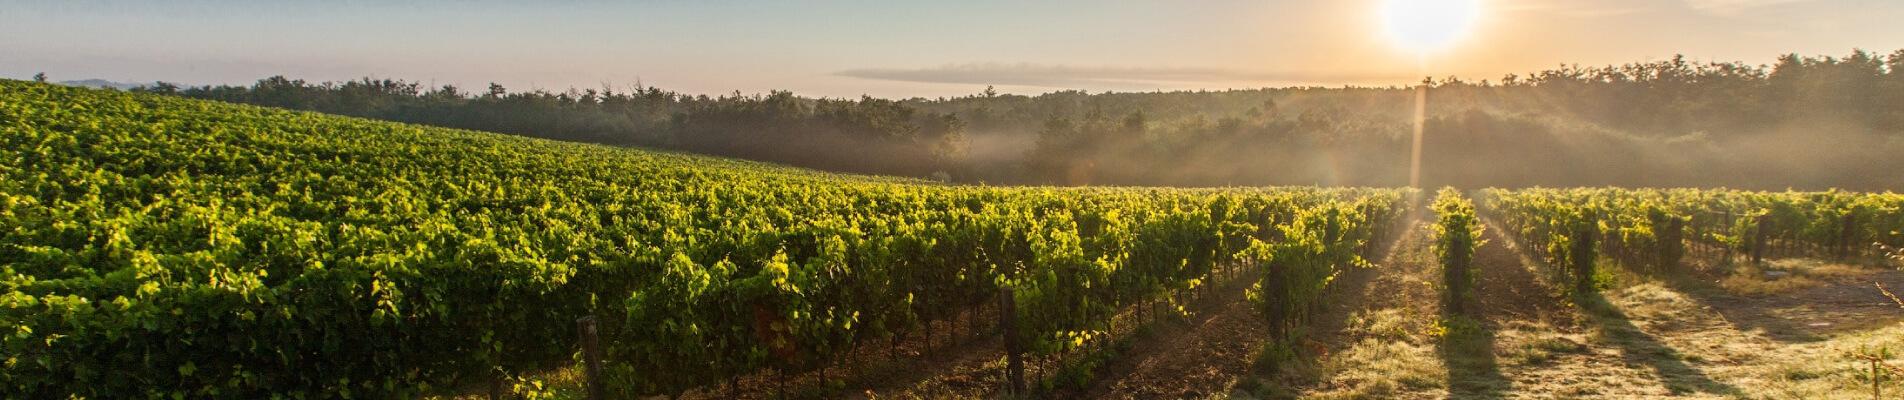 Come raggiungere sostenibilità, competitività ed efficienza nella produzione vinicola